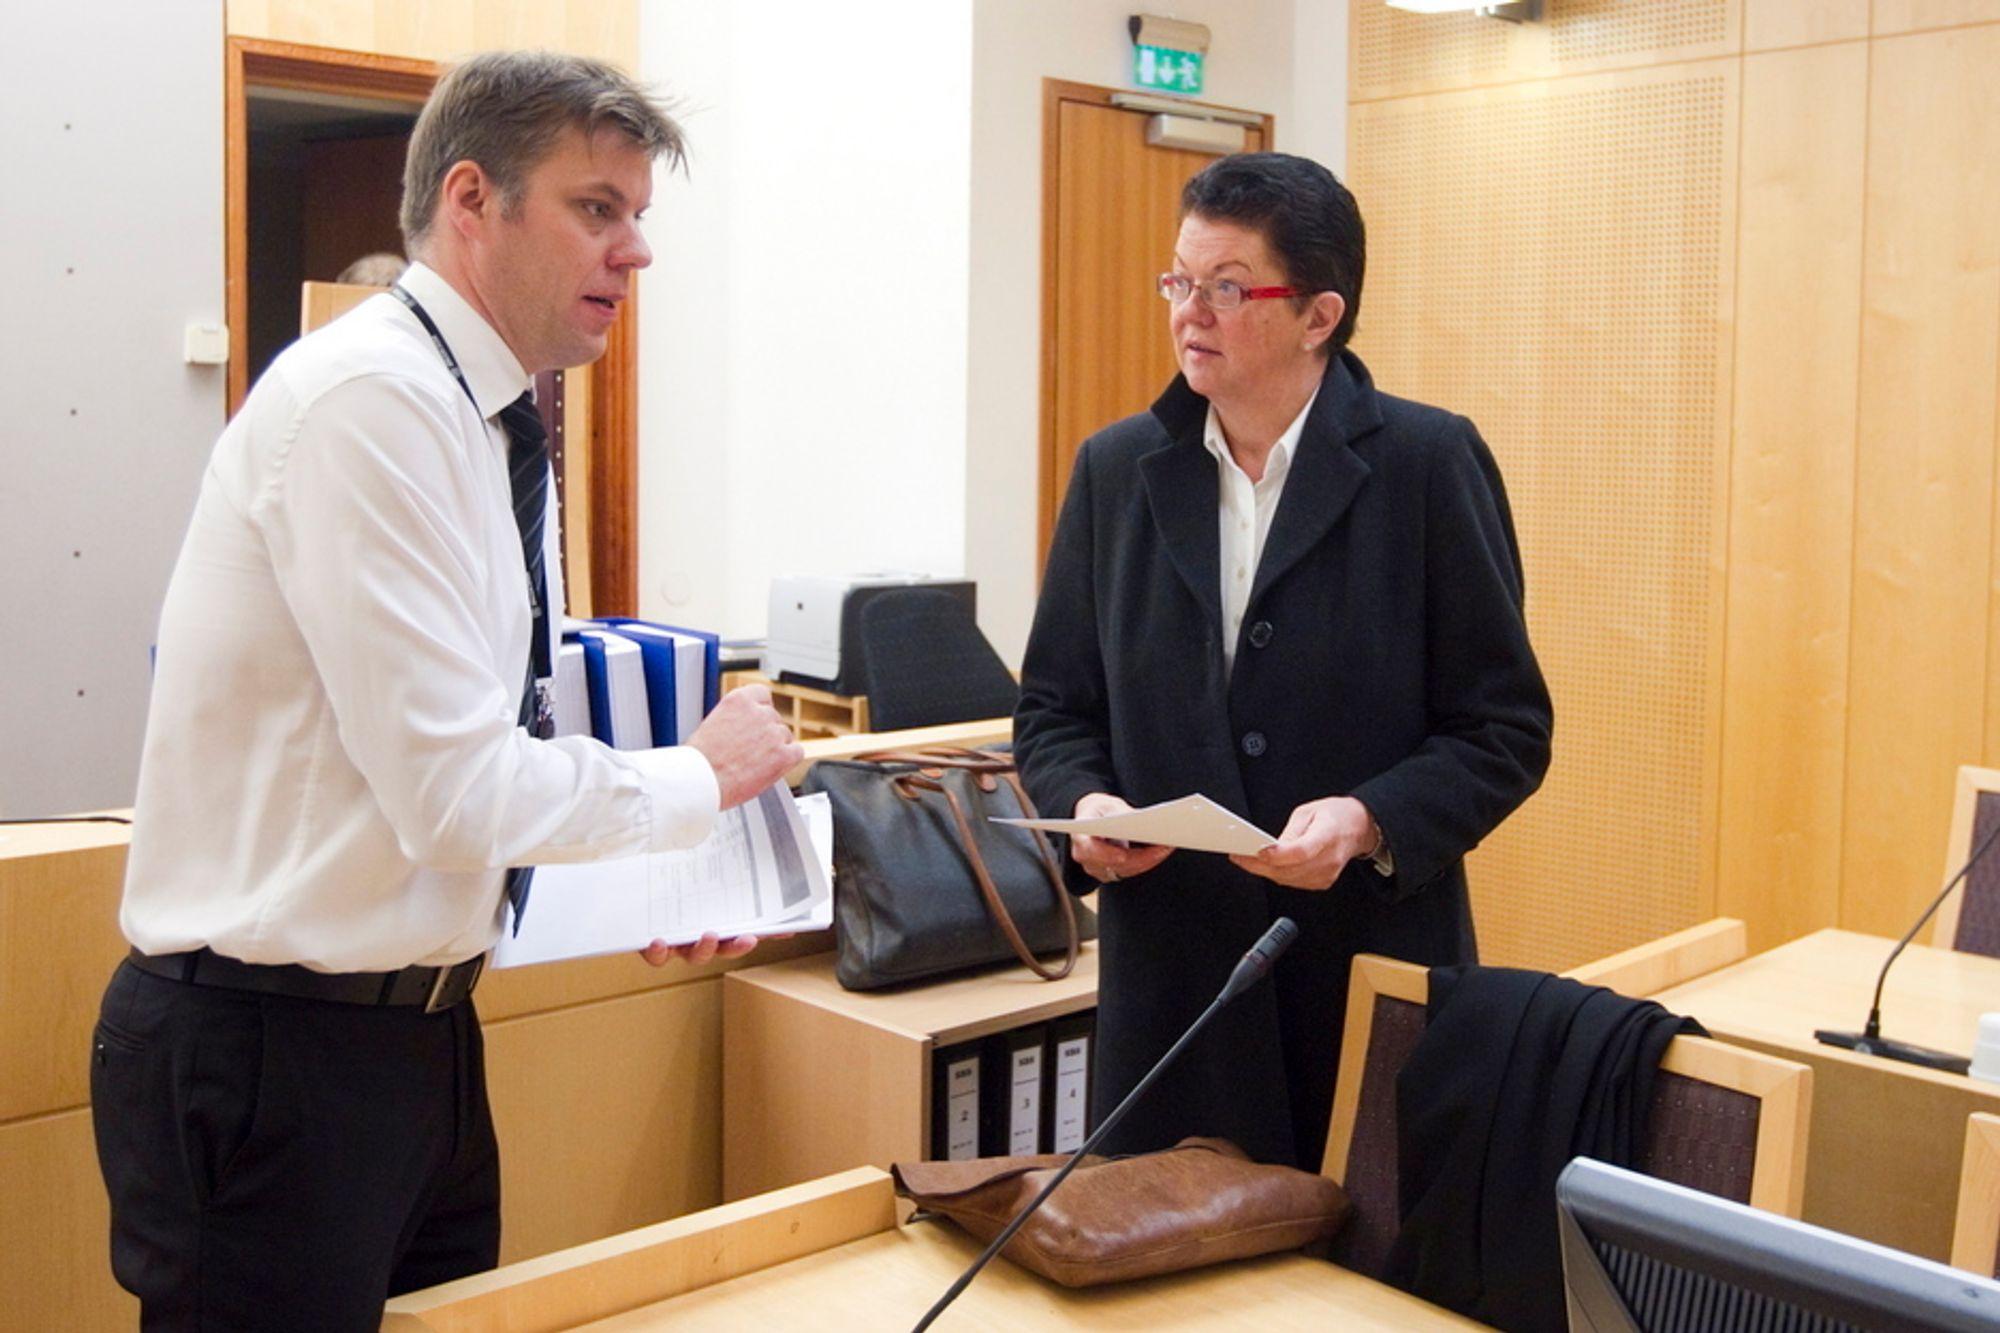 Geir Kavlie er aktor, og Ellen Holager Andenæs er forsvarer for Siemens Business Services AS, som er anklaget for å ha overfakturert Forsvaret med 60 millioner i perioden 2000 til 2005. Siemens ble ilagt en bot på 9 millioner kroner som de ikke vedtok. Mandag startet rettssaken i Oslo tingrett.